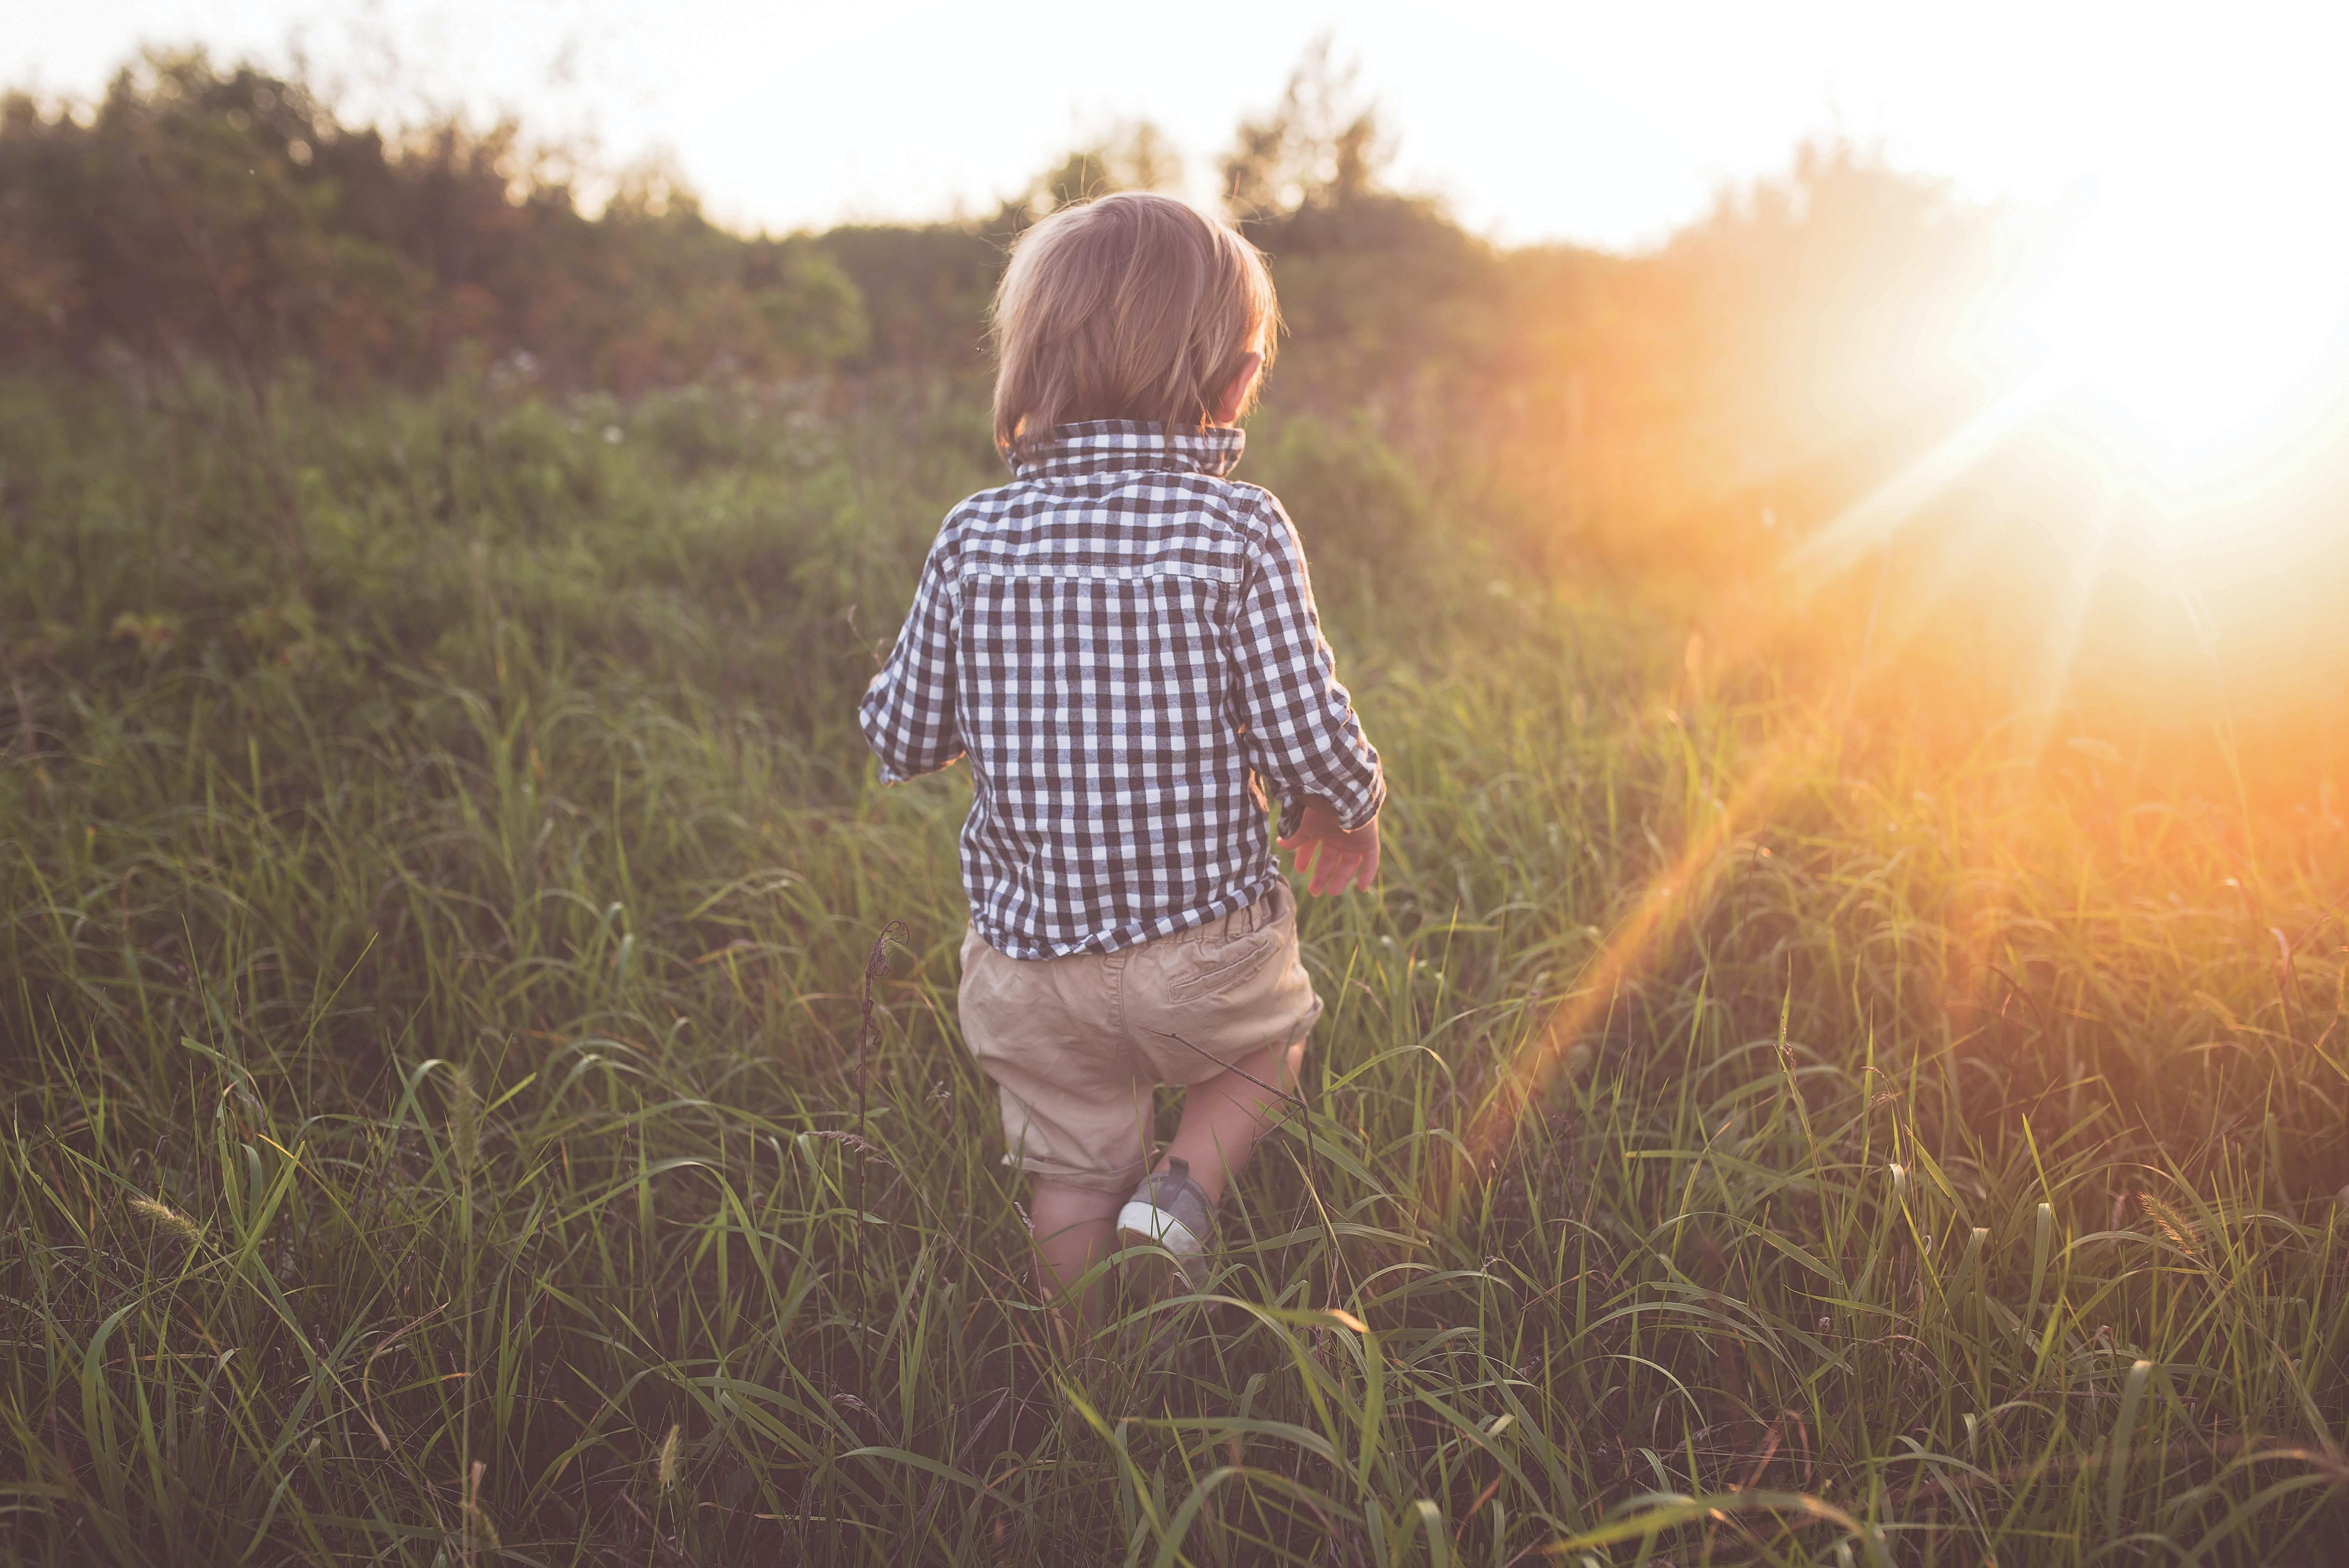 boy walking on grass field